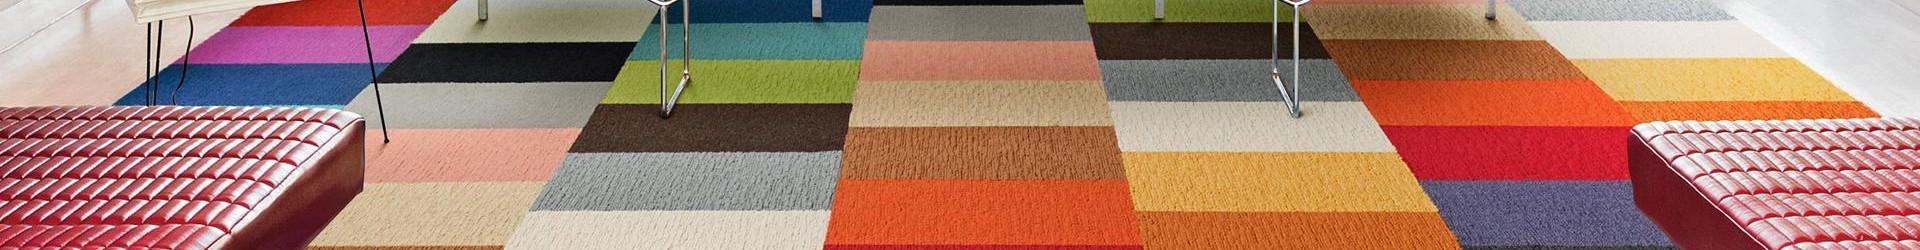 Kantoorgeschikte tapijttegels bij Tapijttegelhandel